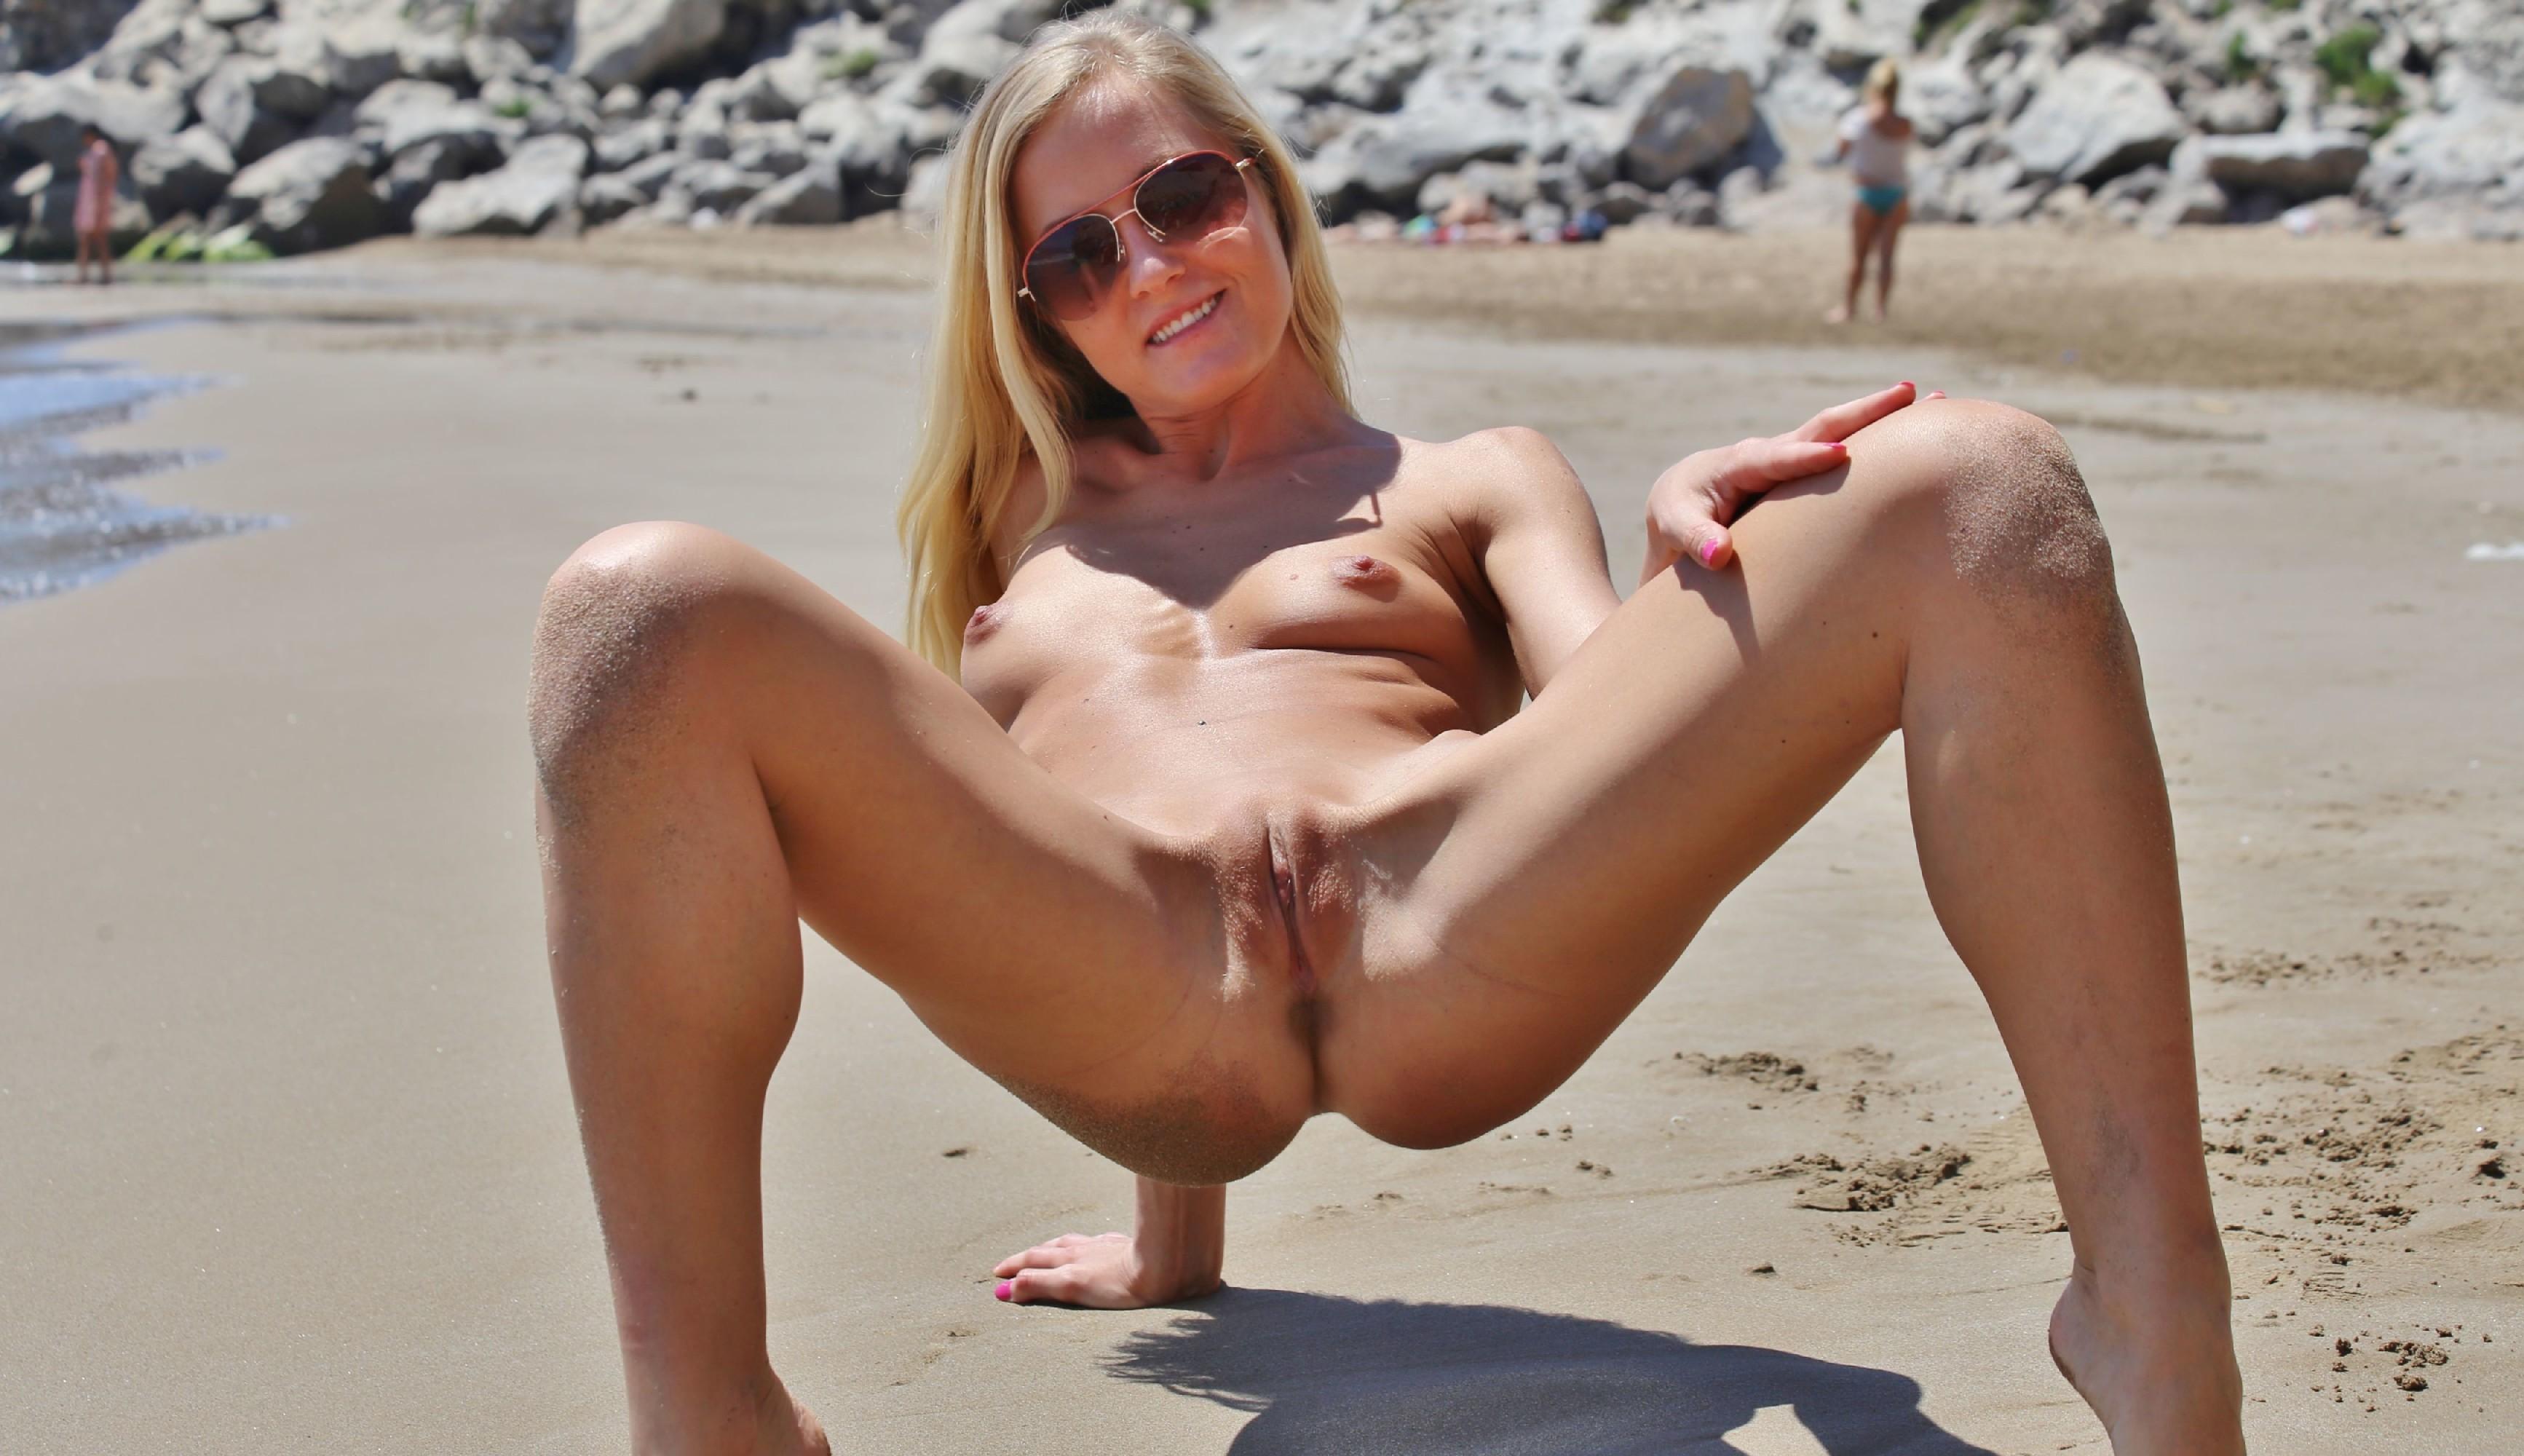 Блондинка в купальнике прогуливается по пляжу и приоткрывает свои сиськи